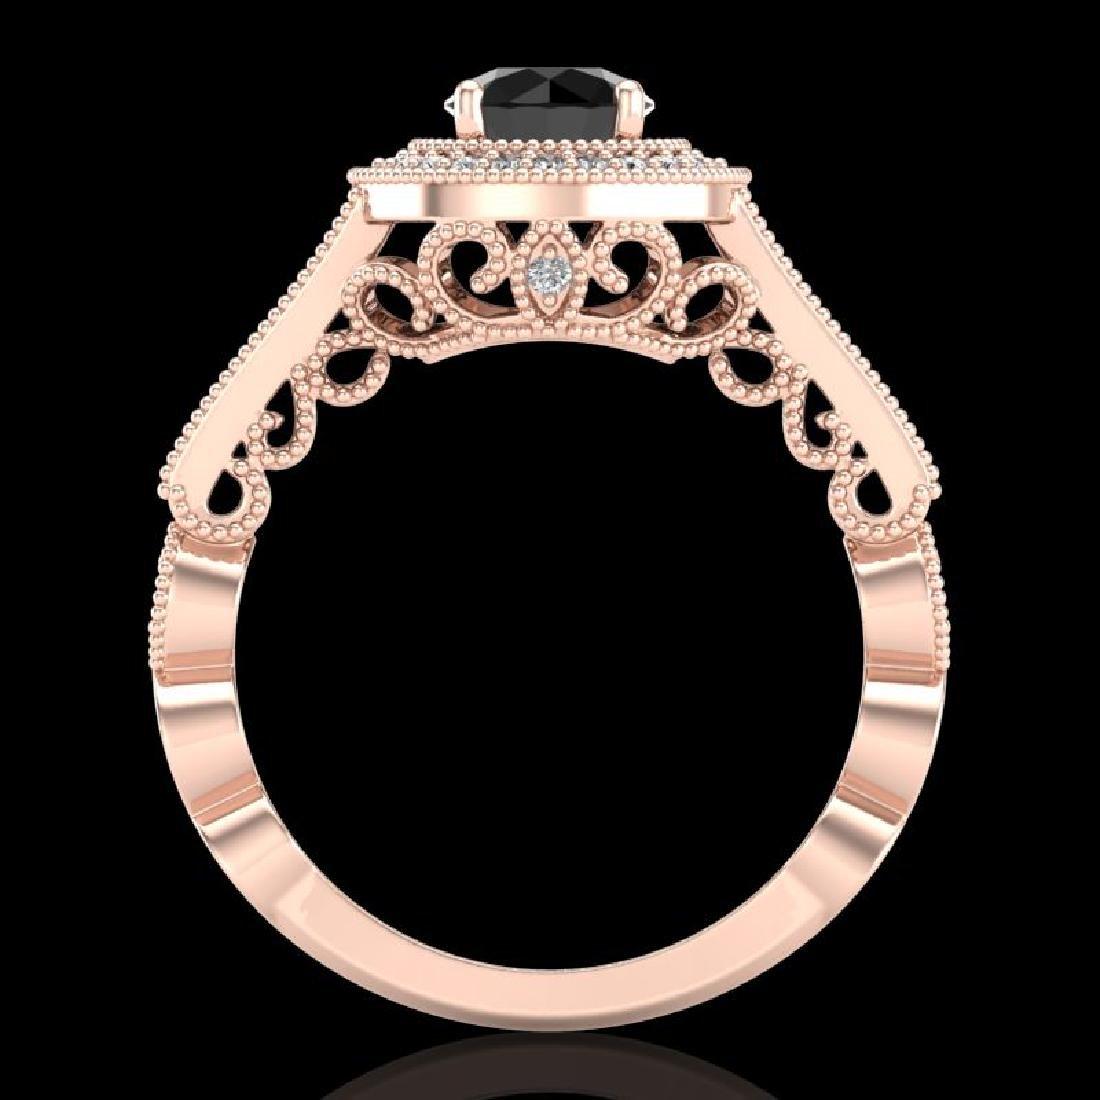 1.12 CTW Fancy Black Diamond Solitaire Engagement Art - 3